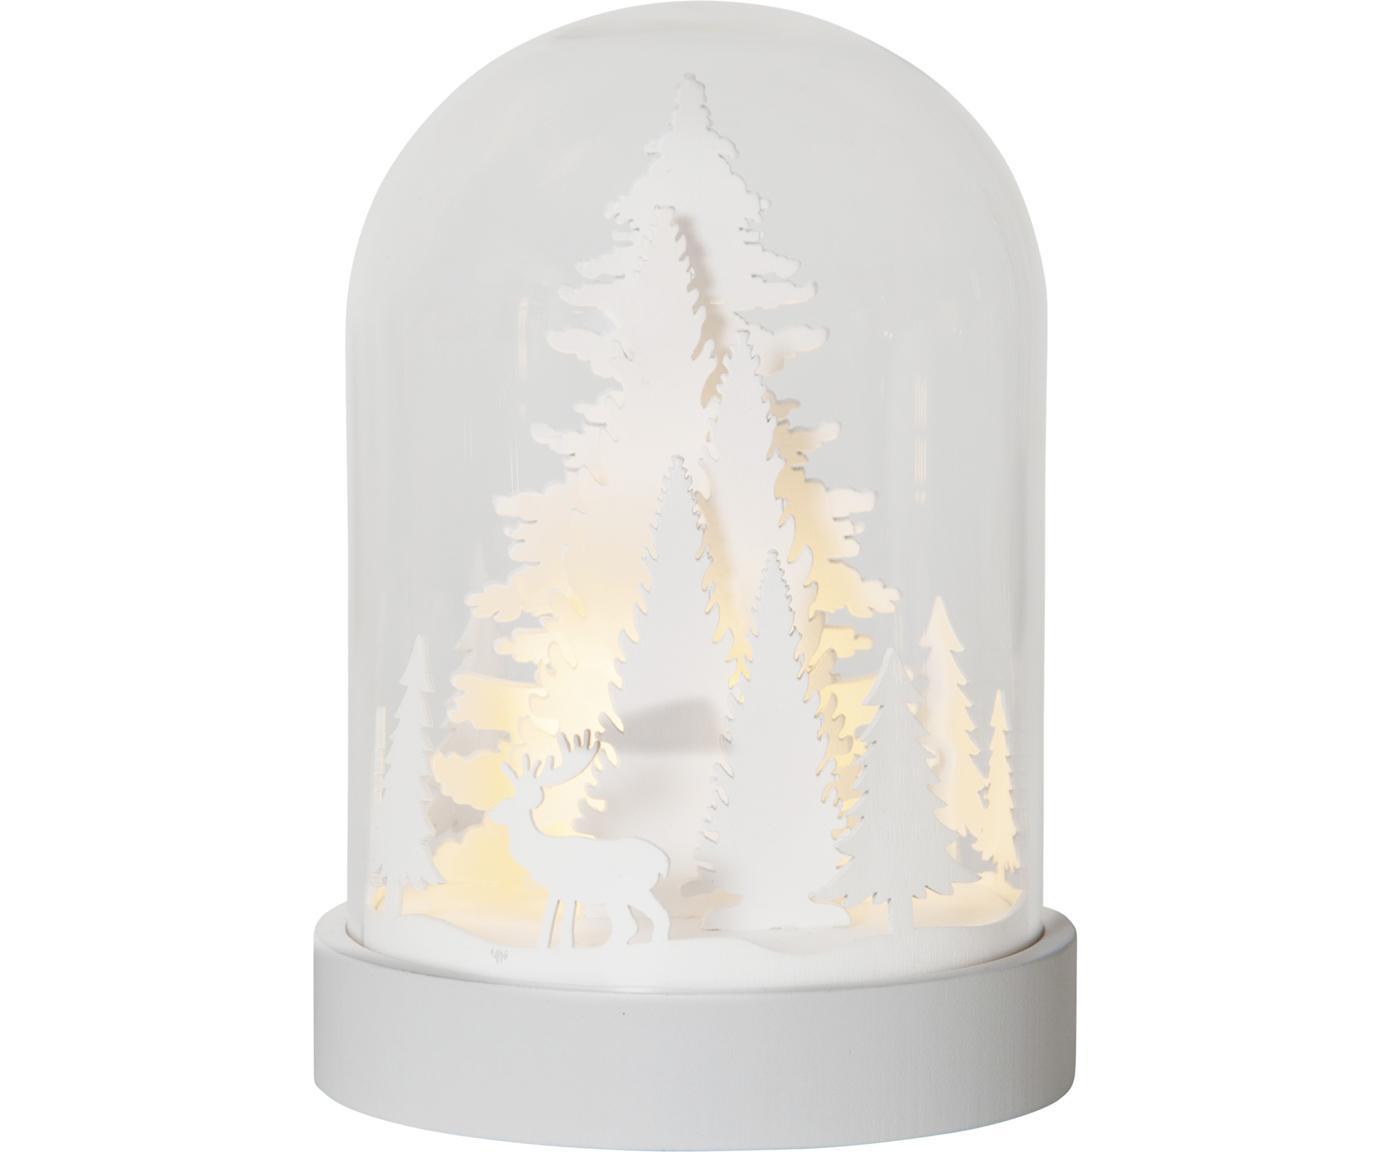 Oggetto luminoso a LED a batteria Reindeer, Pannello di fibra a media densità (MDF), materiale sintetico, vetro, Bianco trasparente, Ø 13 x Alt. 18 cm